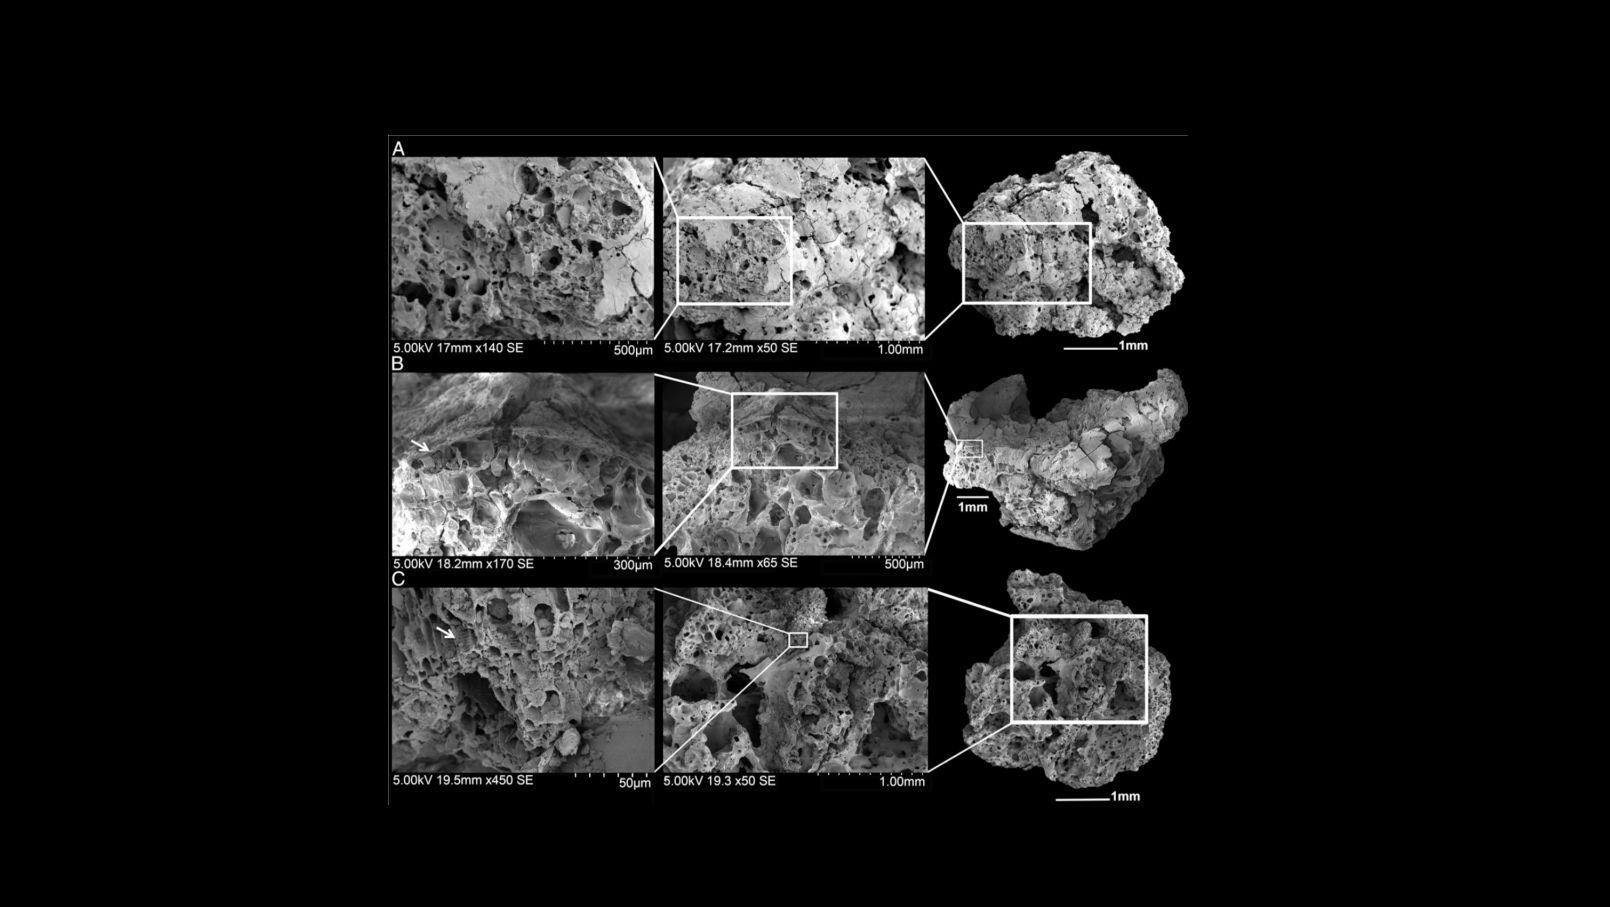 РЭМ-изображение хлебоподобных остатков, найденных на месте раскопок Шубайки 1.